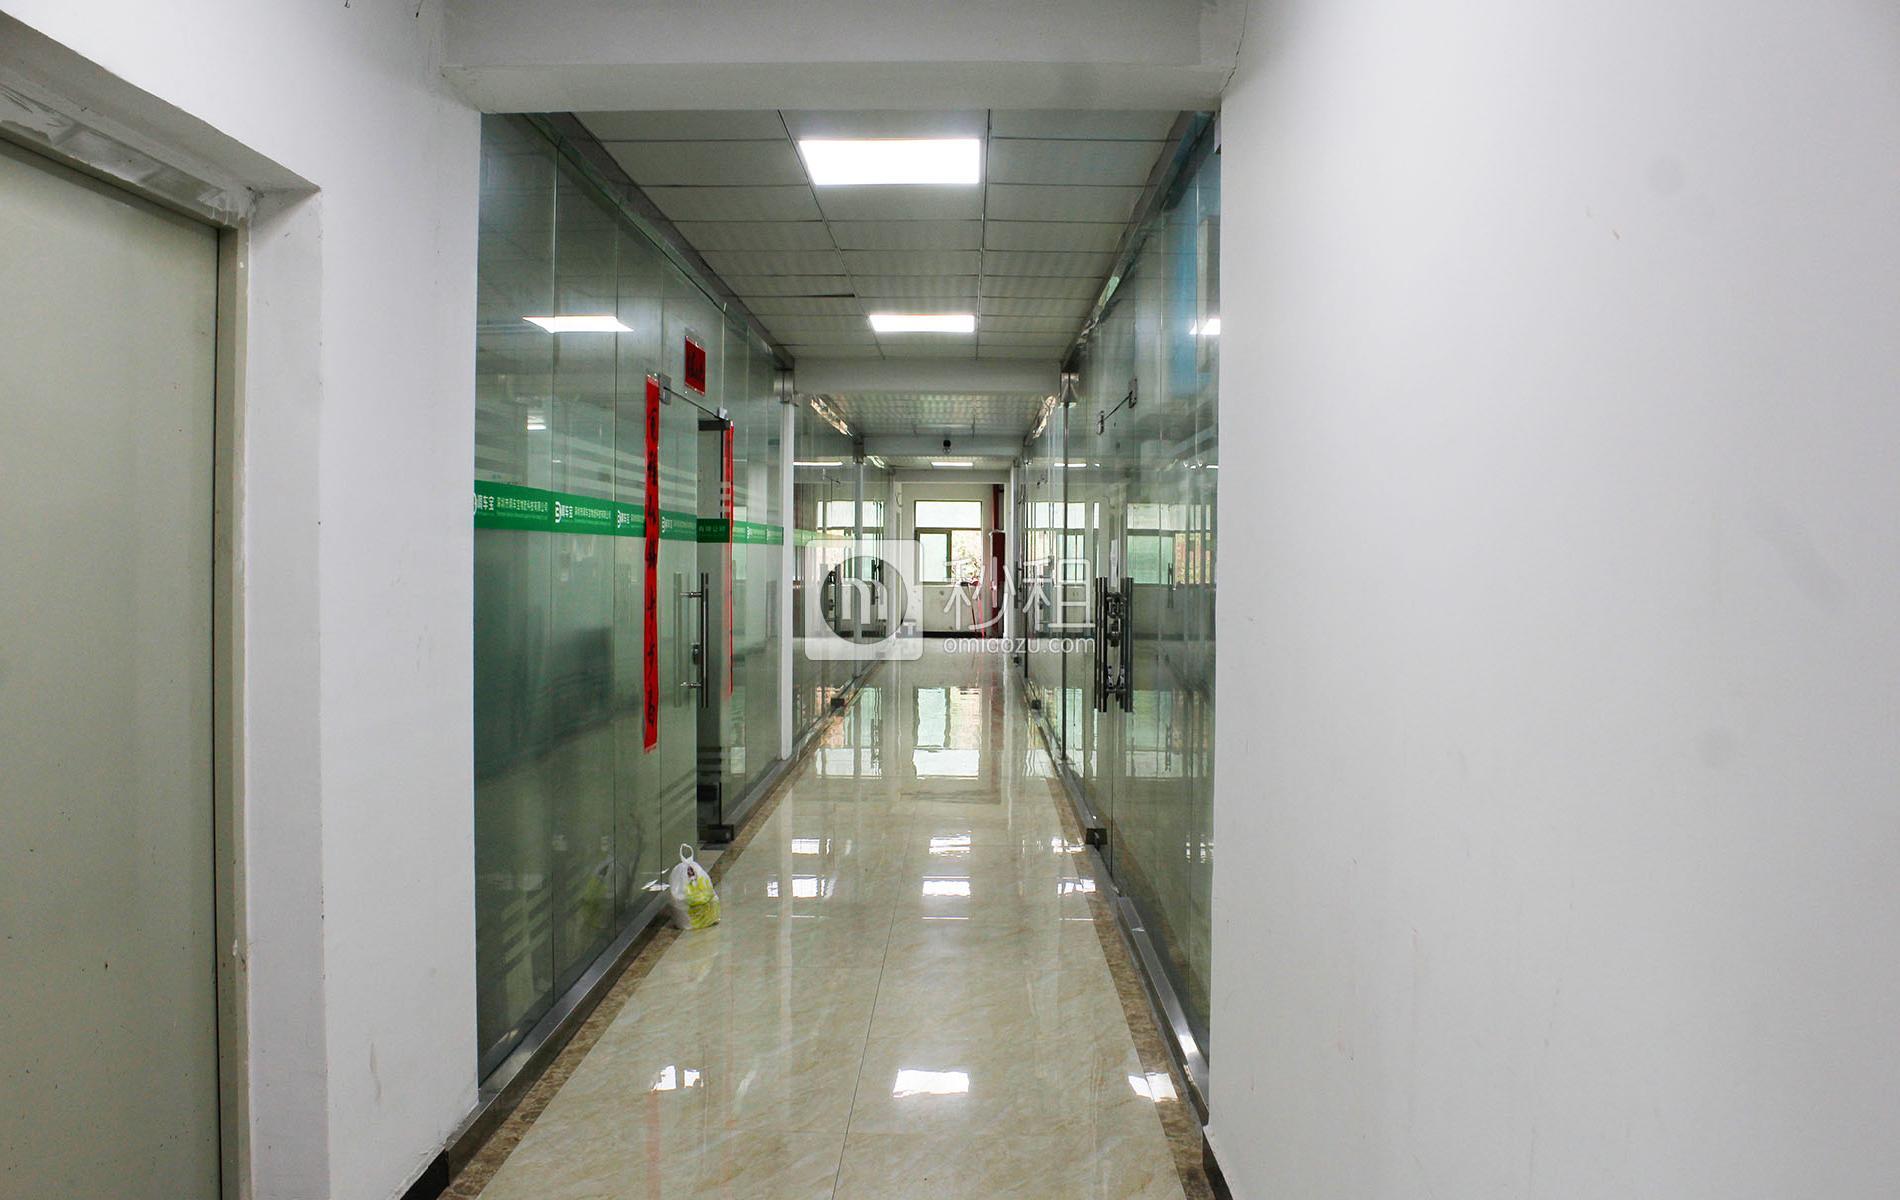 润昌工业园写字楼出租/招租/租赁,润昌工业园办公室出租/招租/租赁